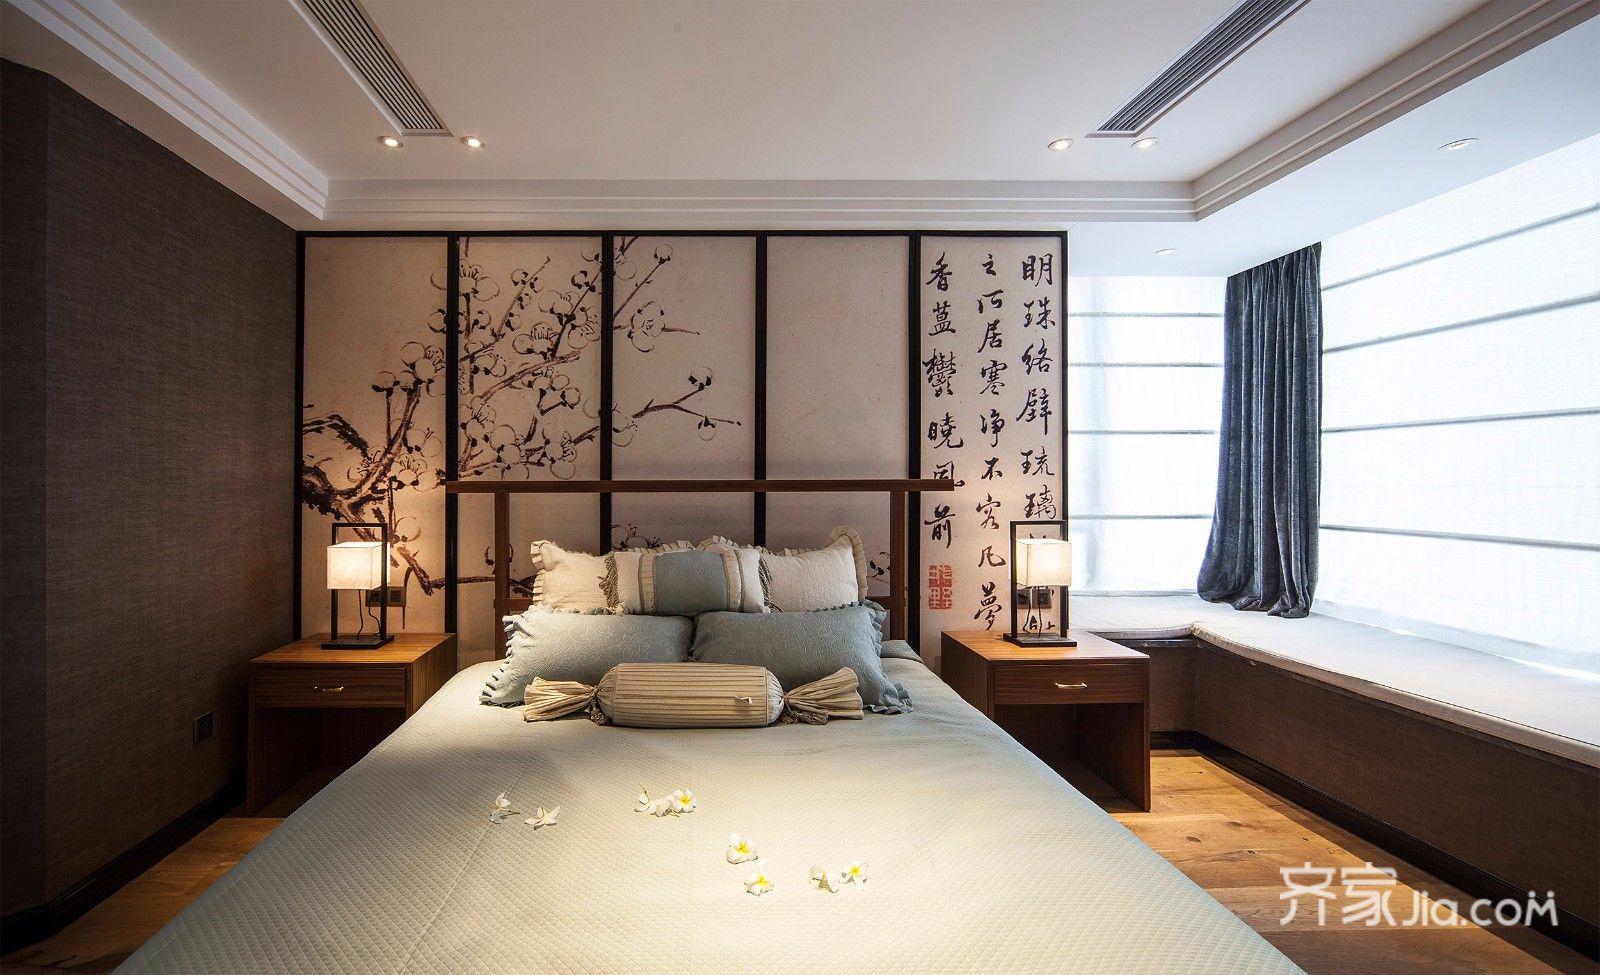 新中式风格别墅装修卧室设计图